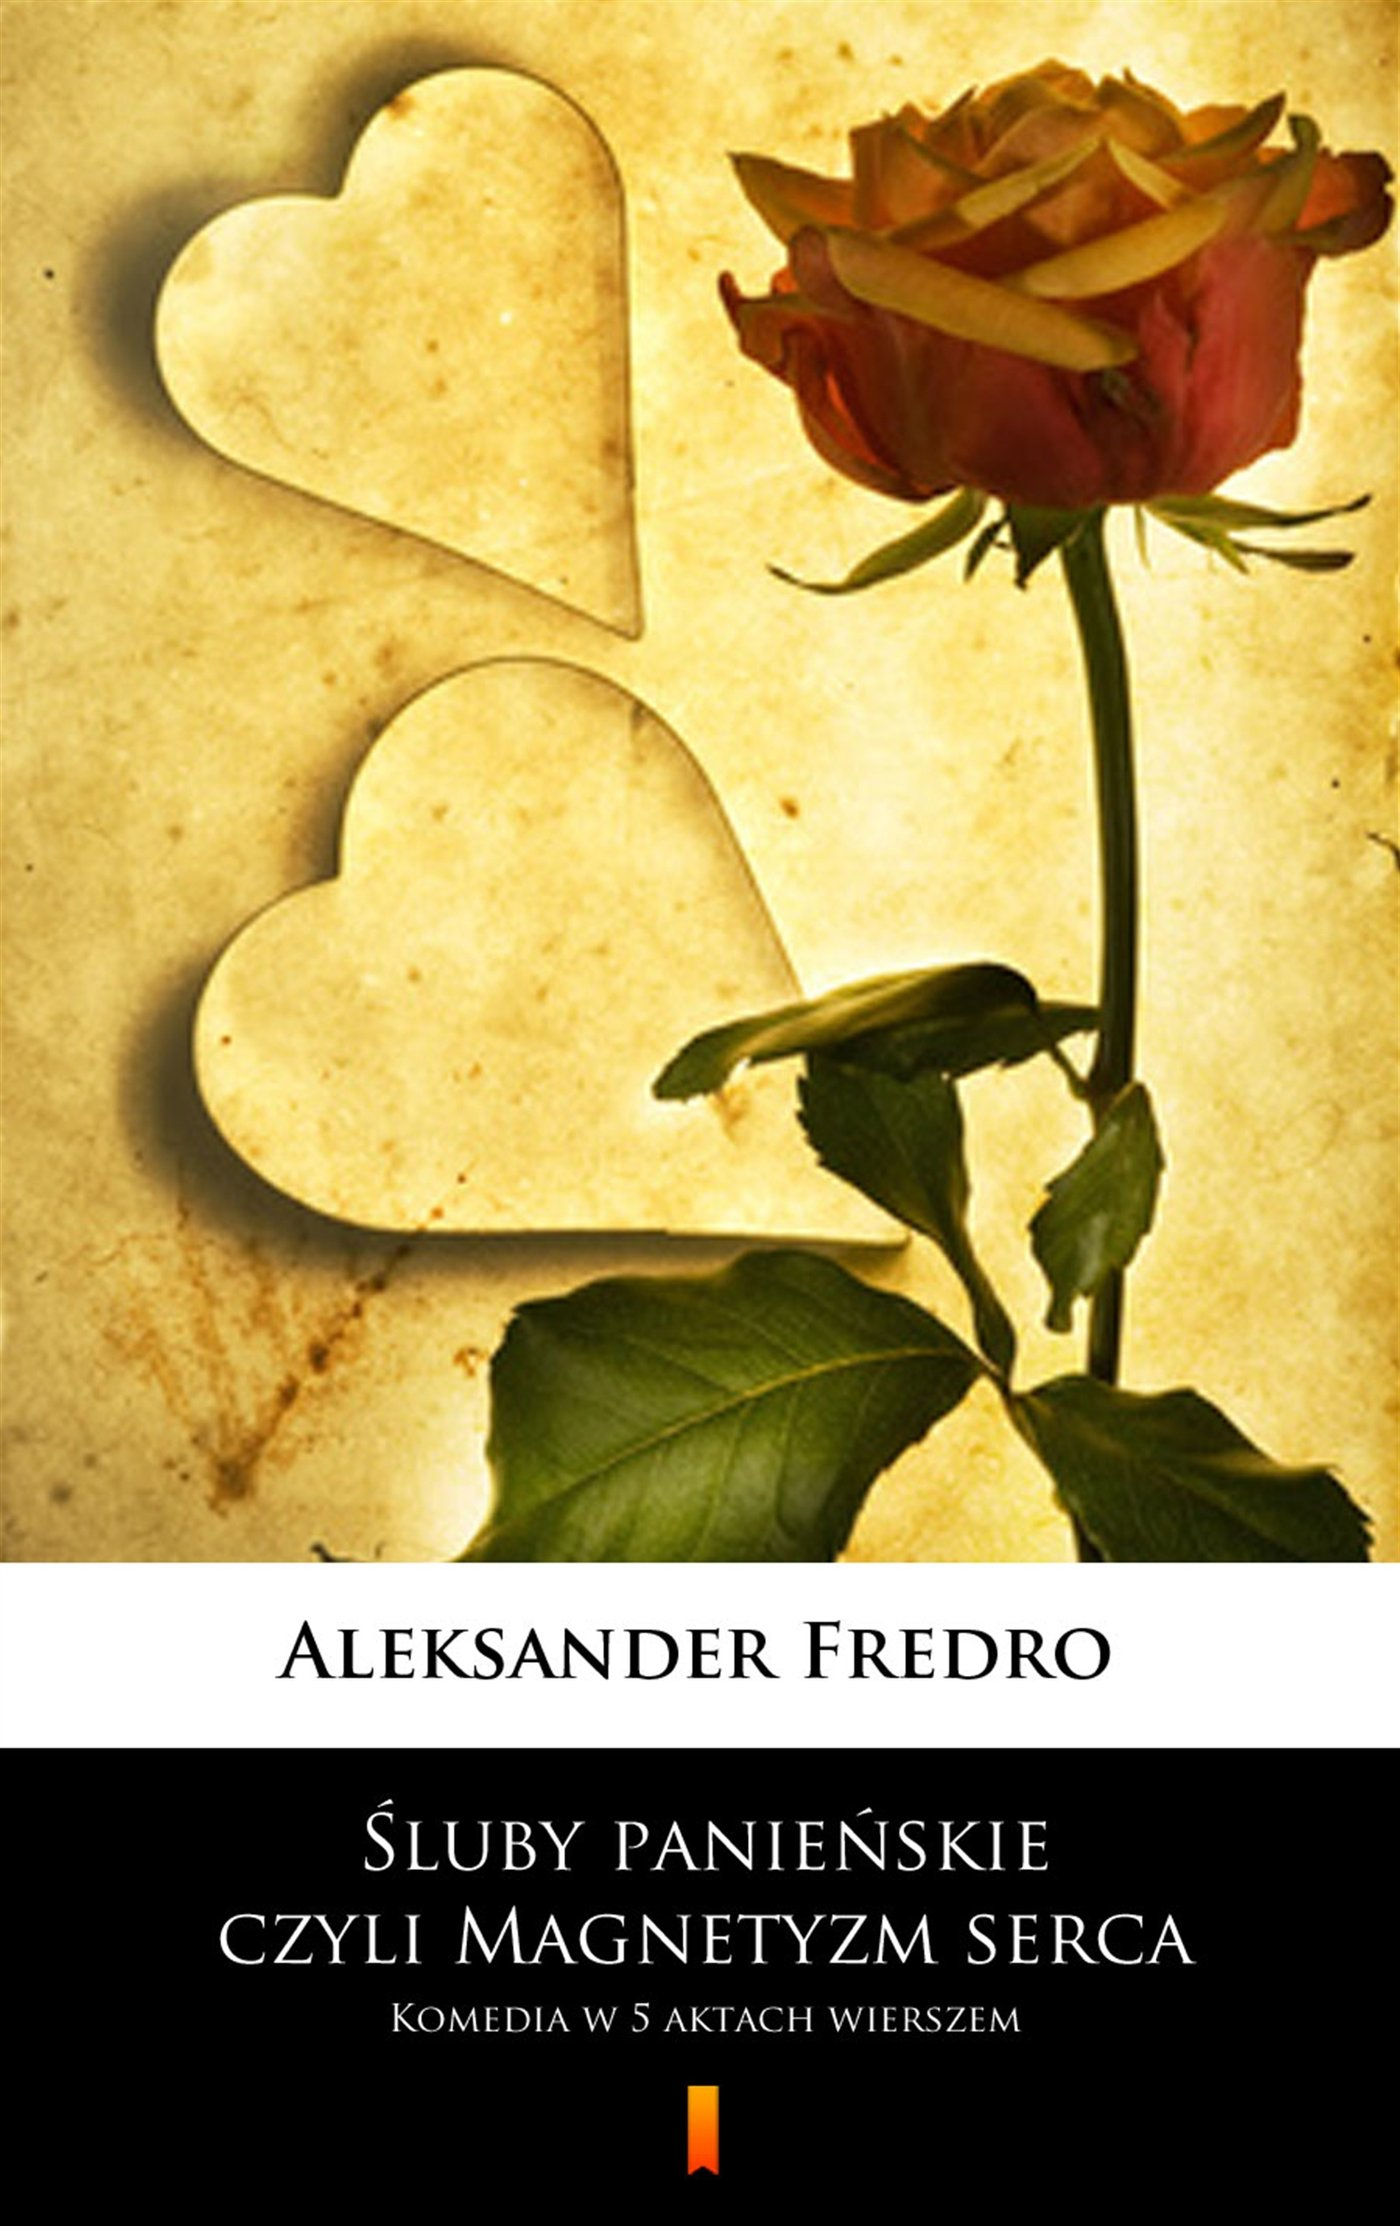 Śluby panieńskie, czyli Magnetyzm serca - Ebook (Książka na Kindle) do pobrania w formacie MOBI